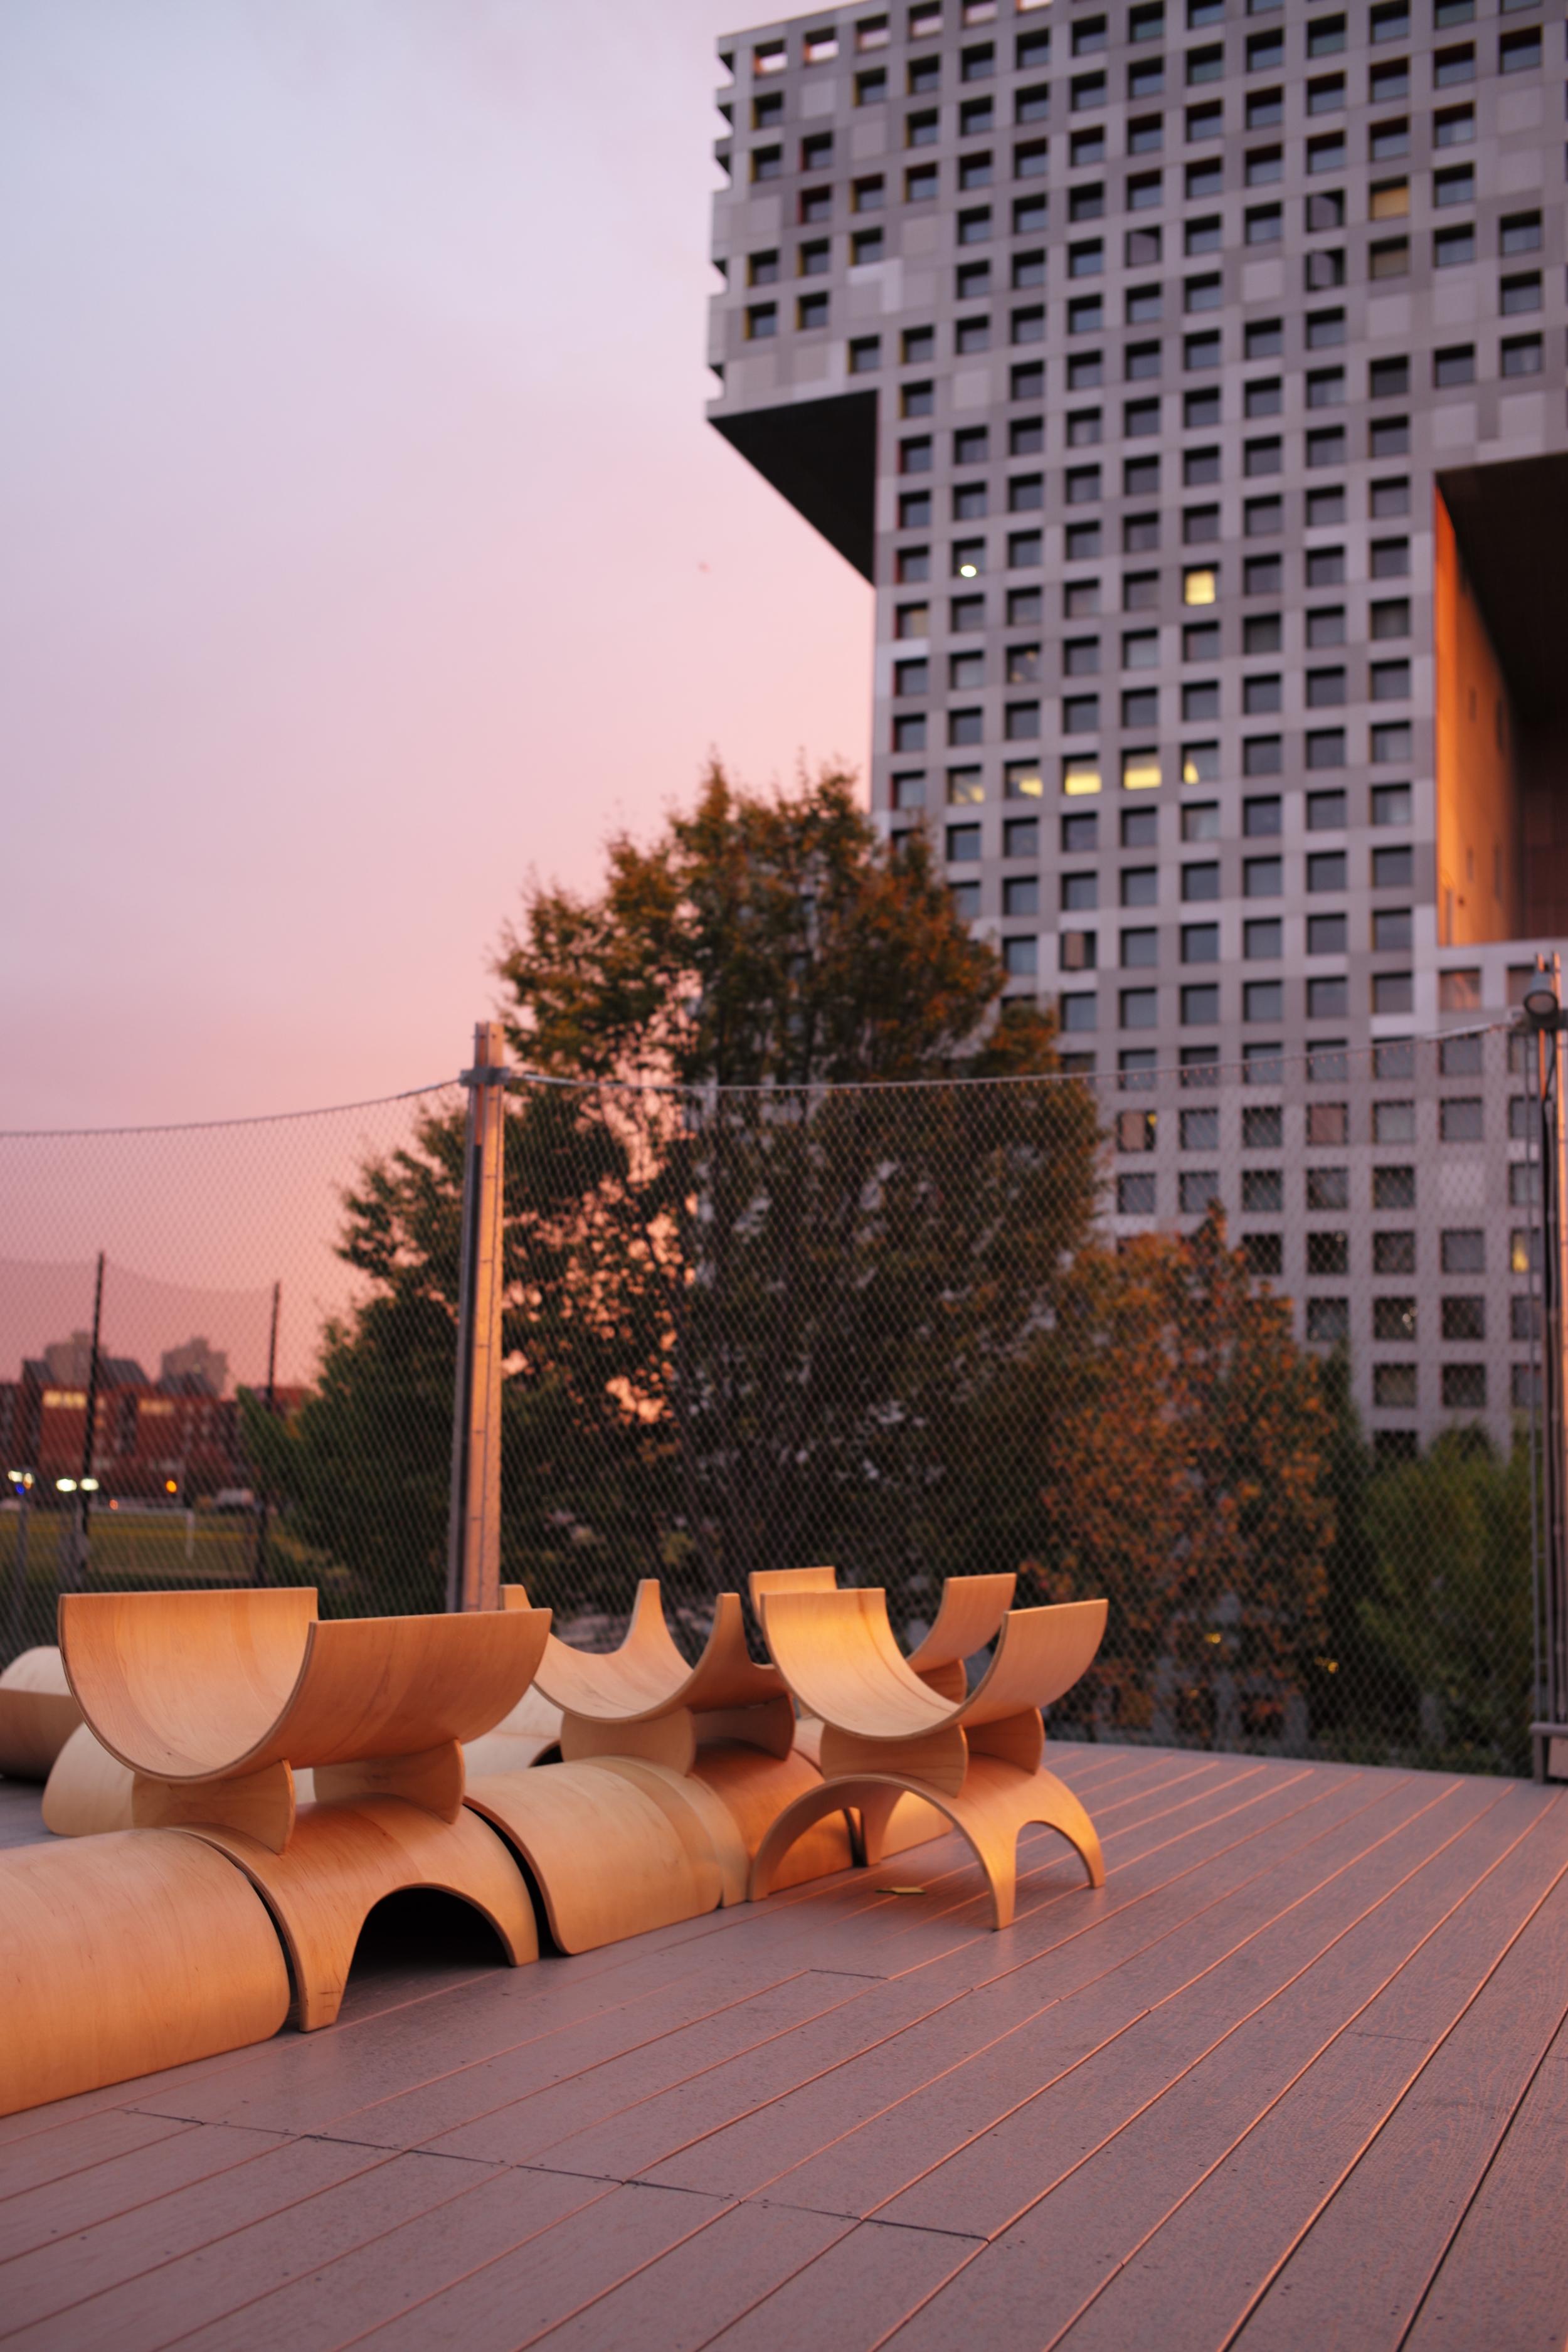 pho-ext-sunset porch-300ppi-13x20.JPG